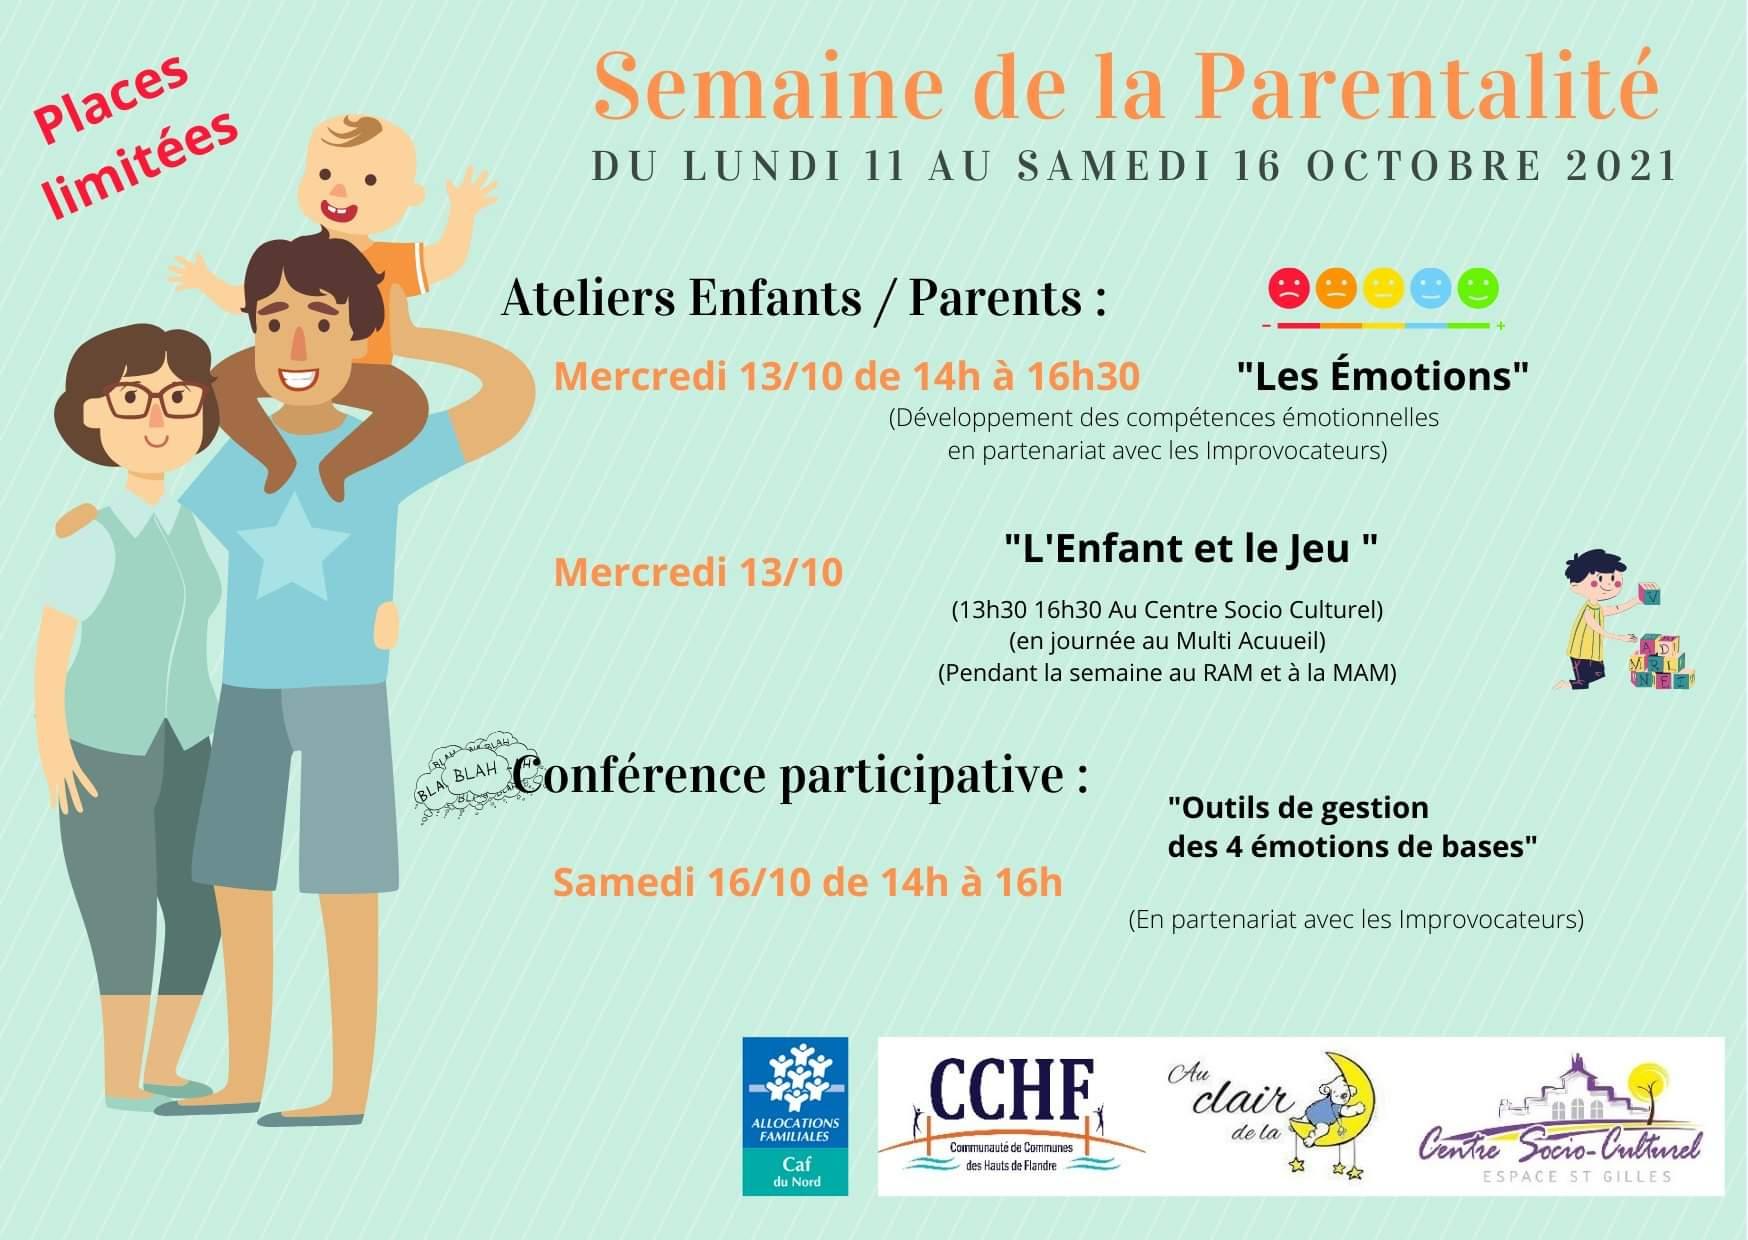 2021-10-11_16_semaine_parentalite_cscw.jpg